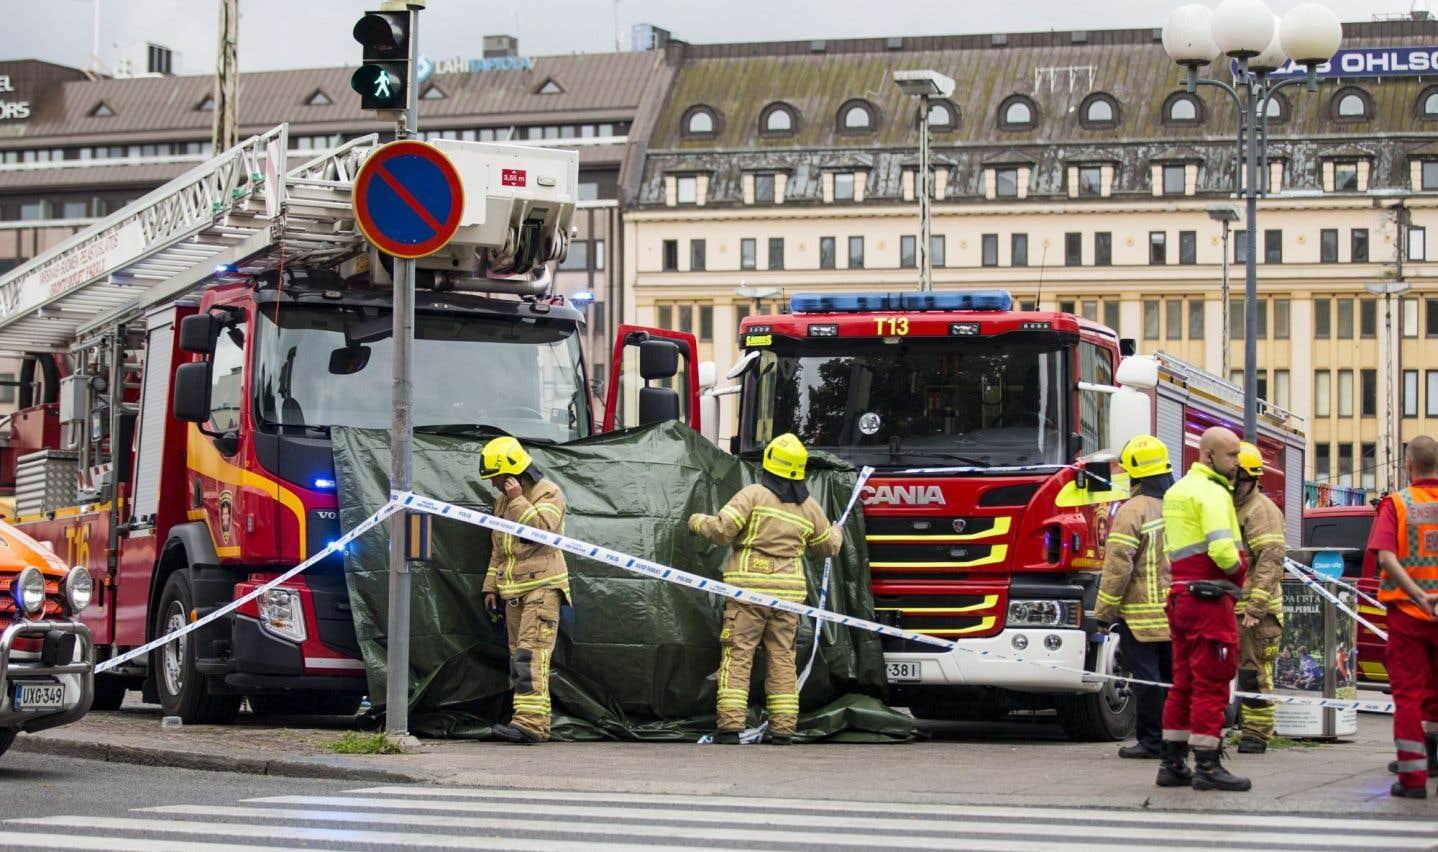 Finlande: deux morts et six blessés poignardés à Turku